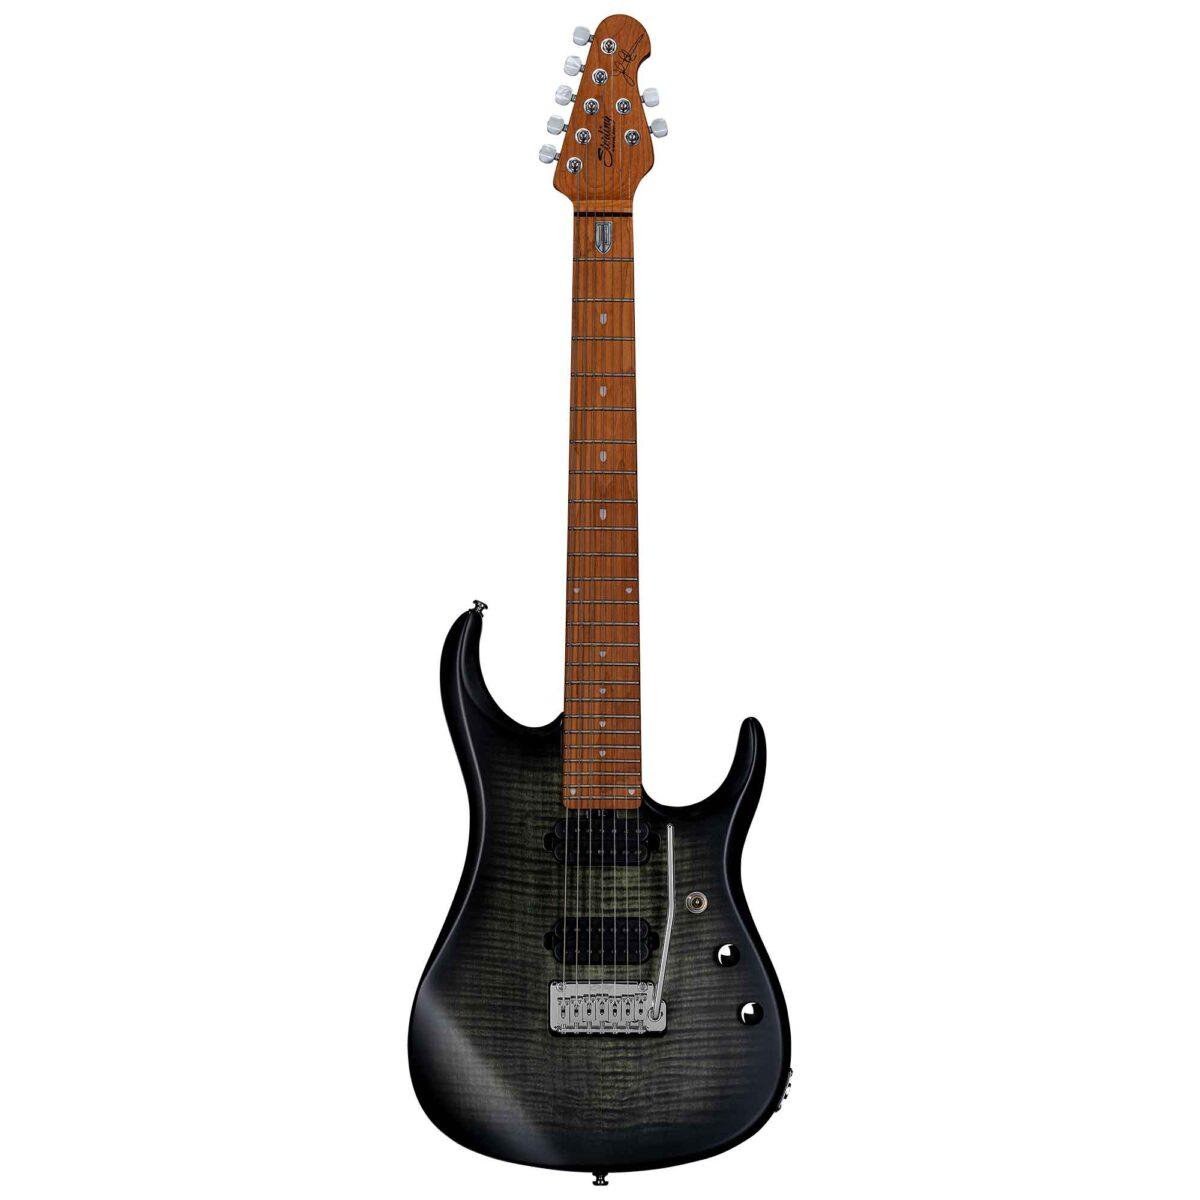 גיטרה חשמלית Sterling by Music Man JP157FM צבע Trans Black Flame